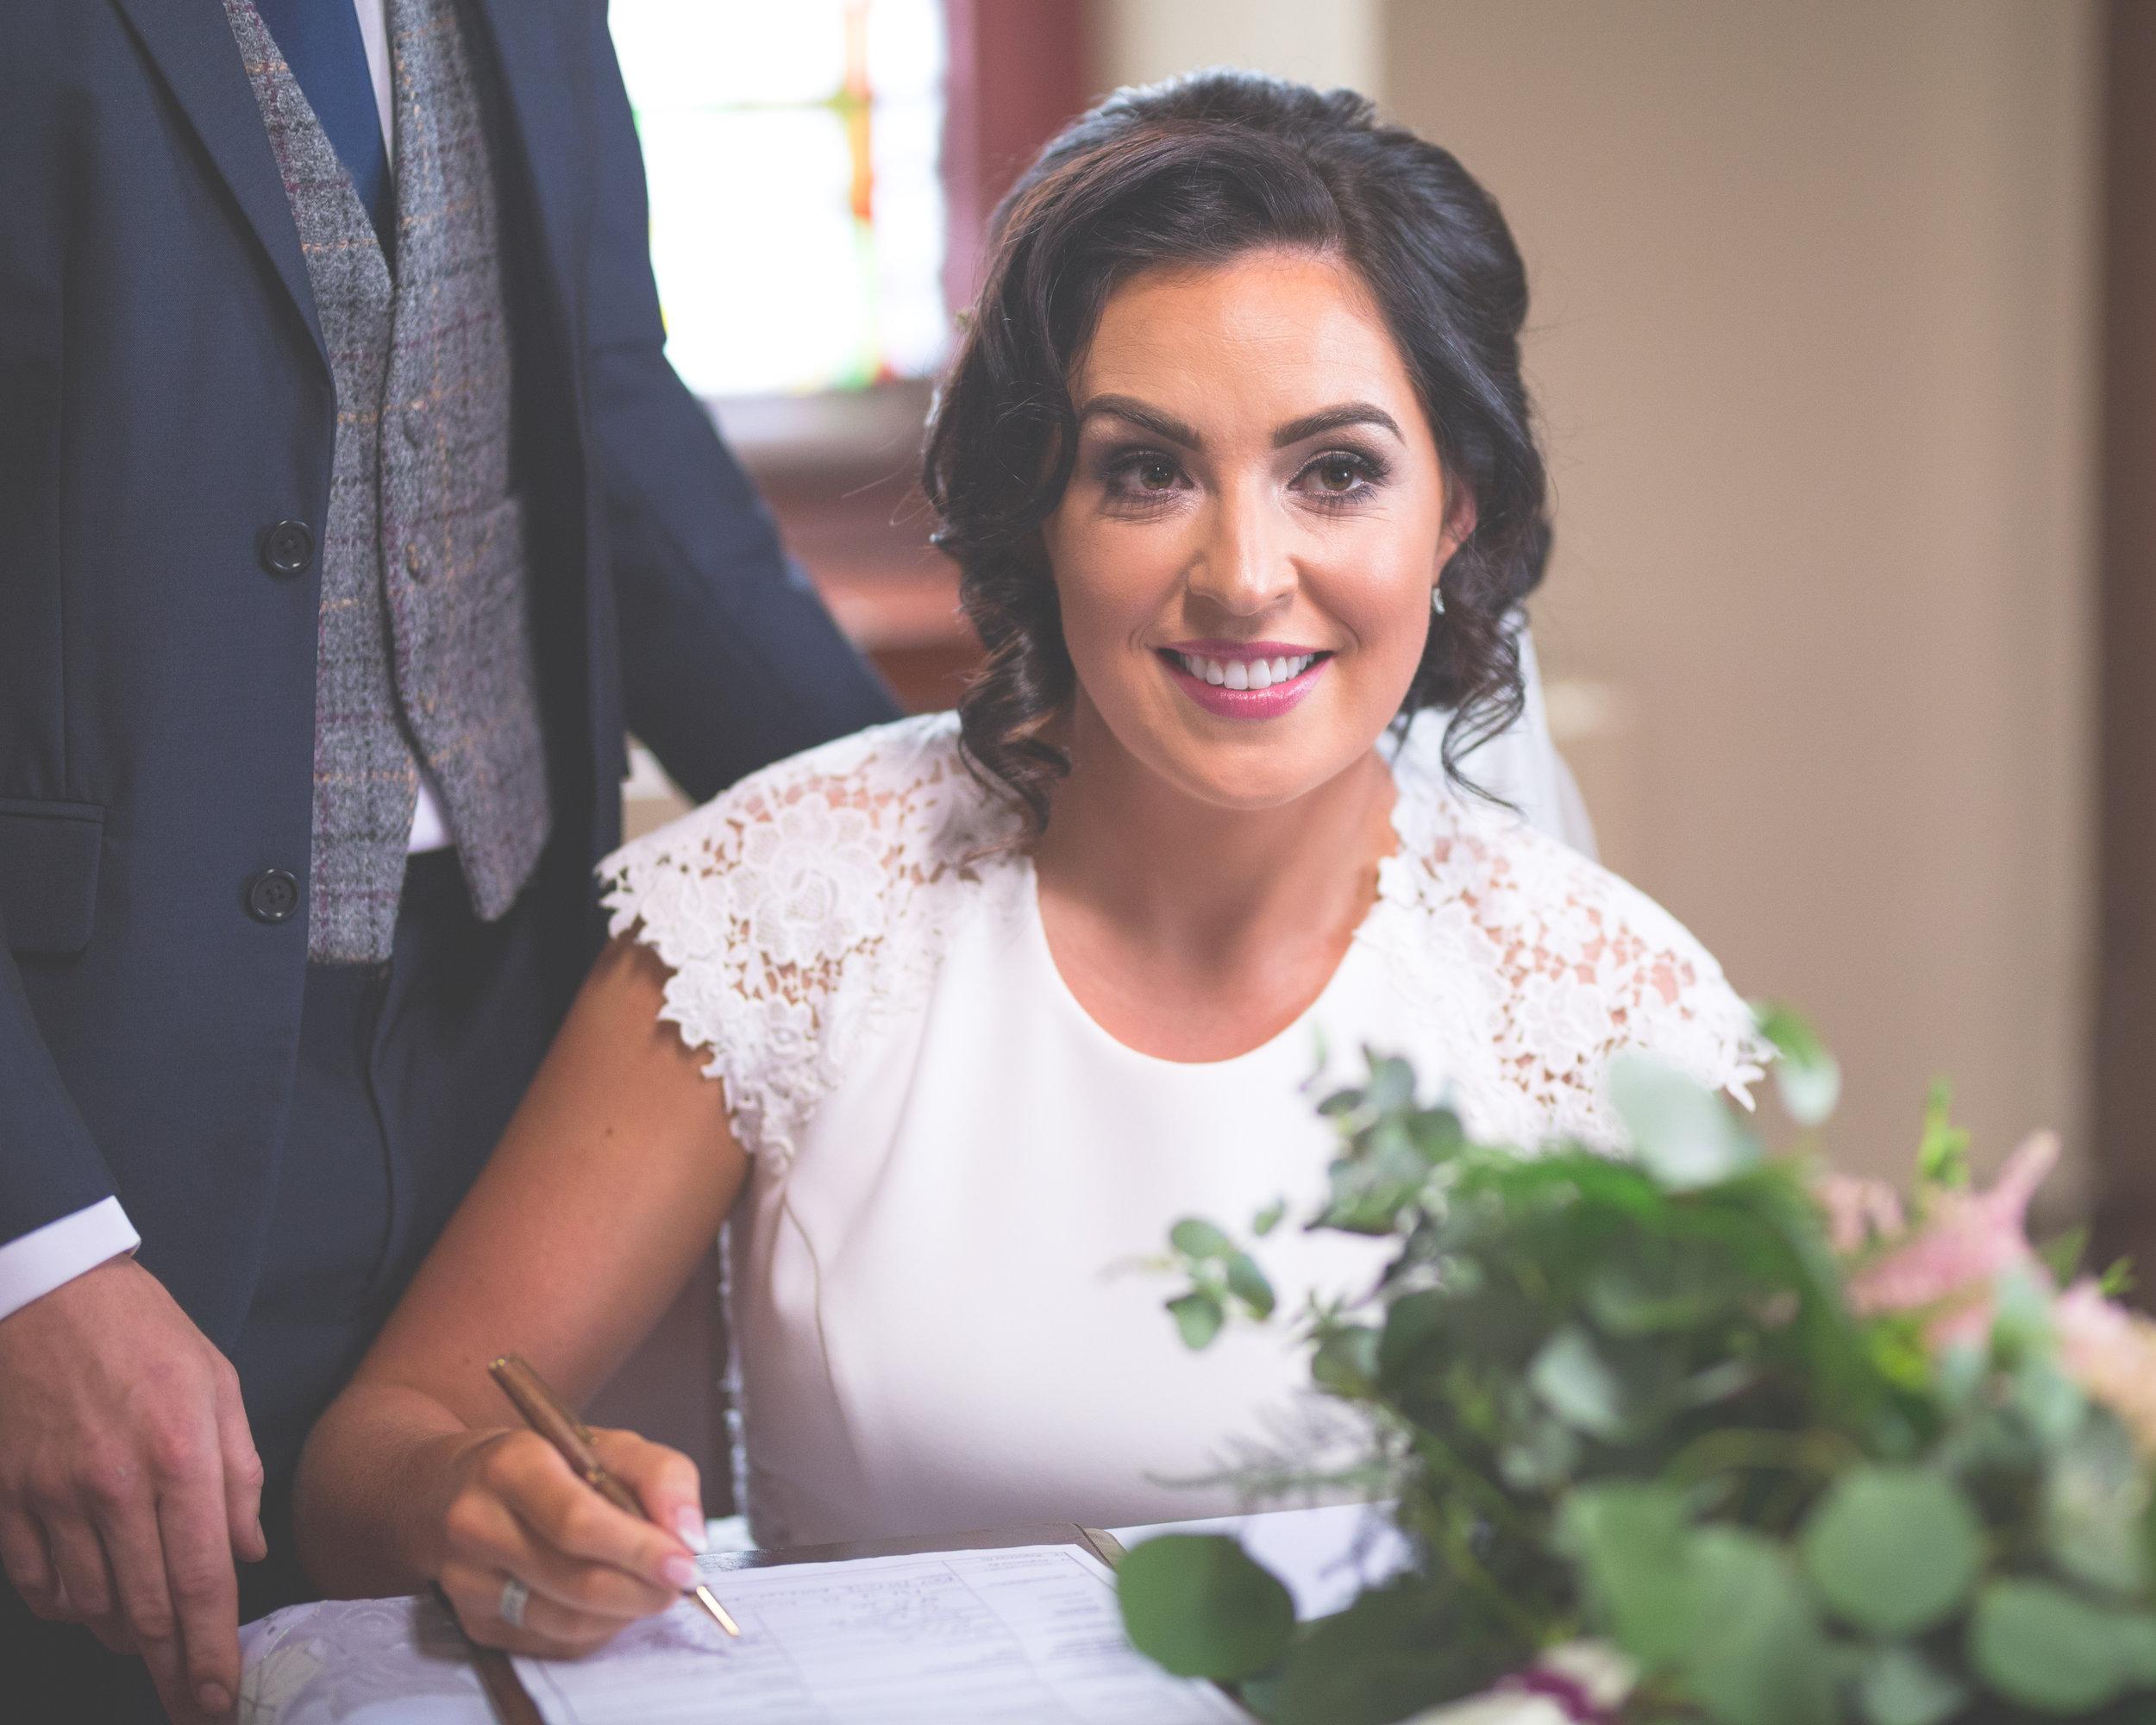 Brian McEwan Wedding Photography   Carol-Anne & Sean   The Ceremony-70.jpg